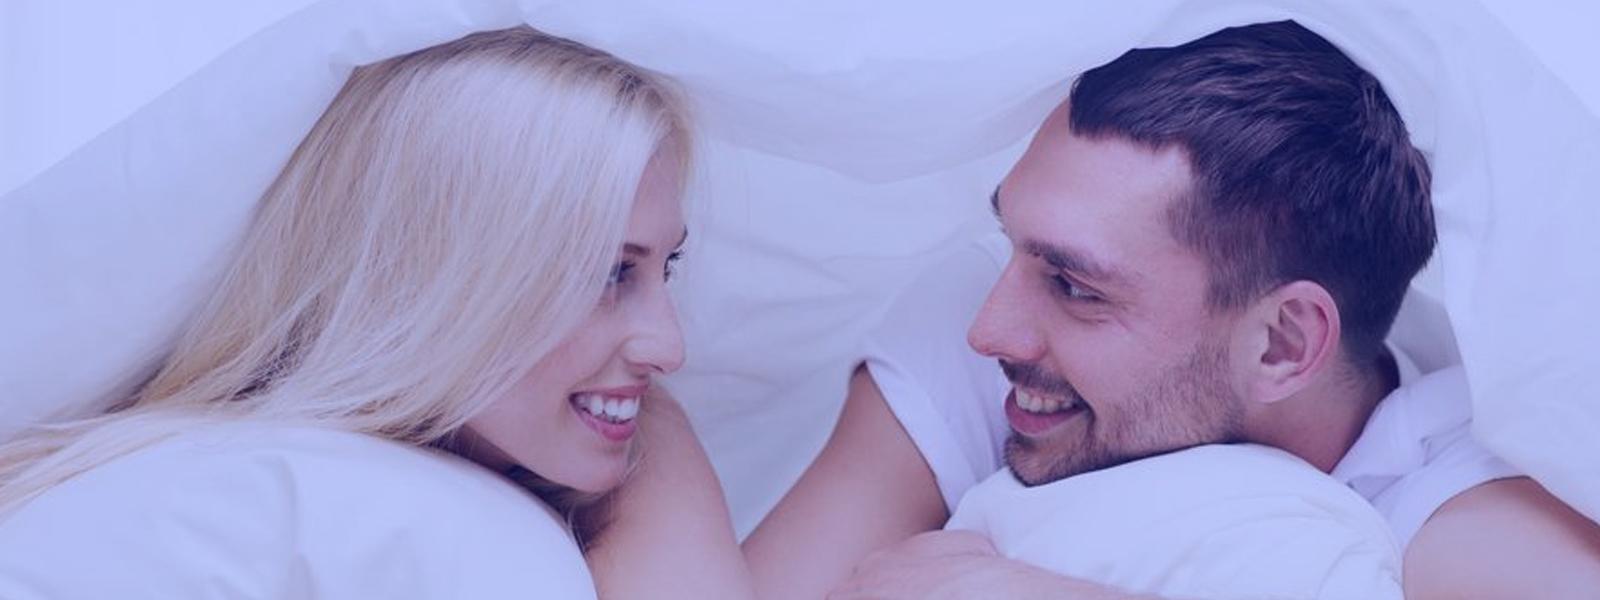 İlk Defa Cinsel İlişkiye Girecek Olan Kadınlara Tavsiyeler